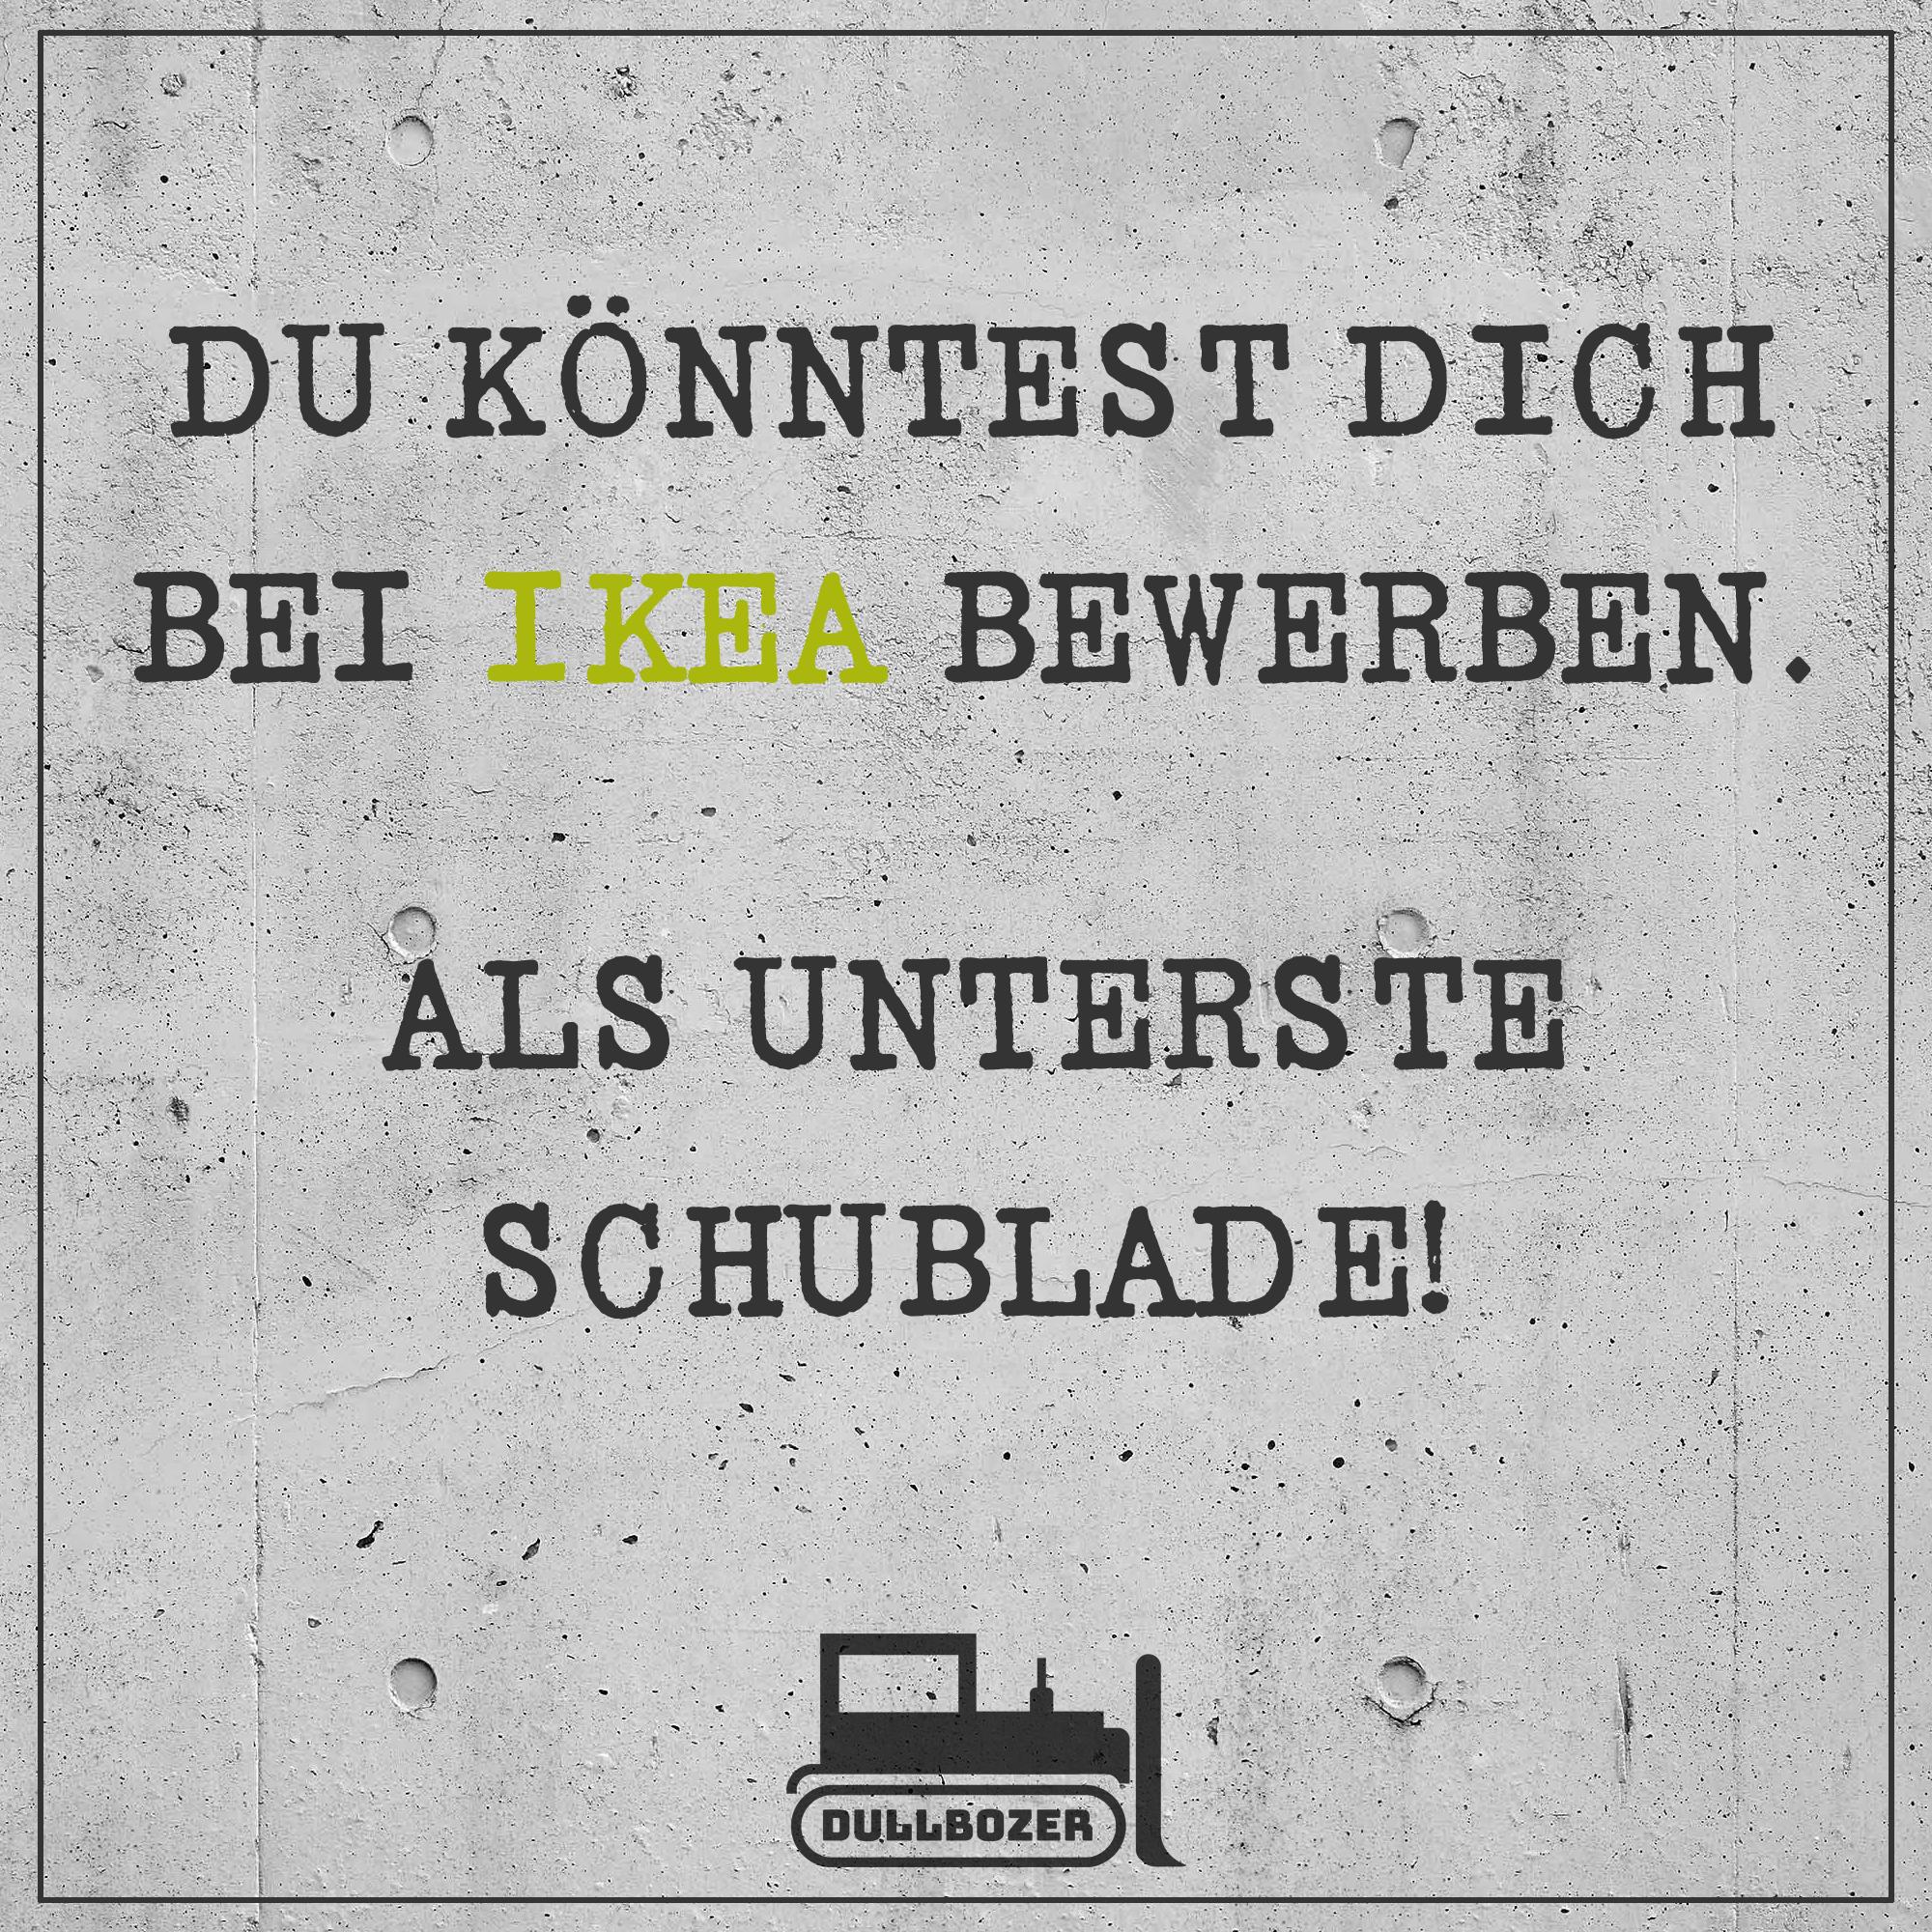 du knntest dich bei ikea bewerben als unterste schublade spruch des tages - Ikea Bewerbung